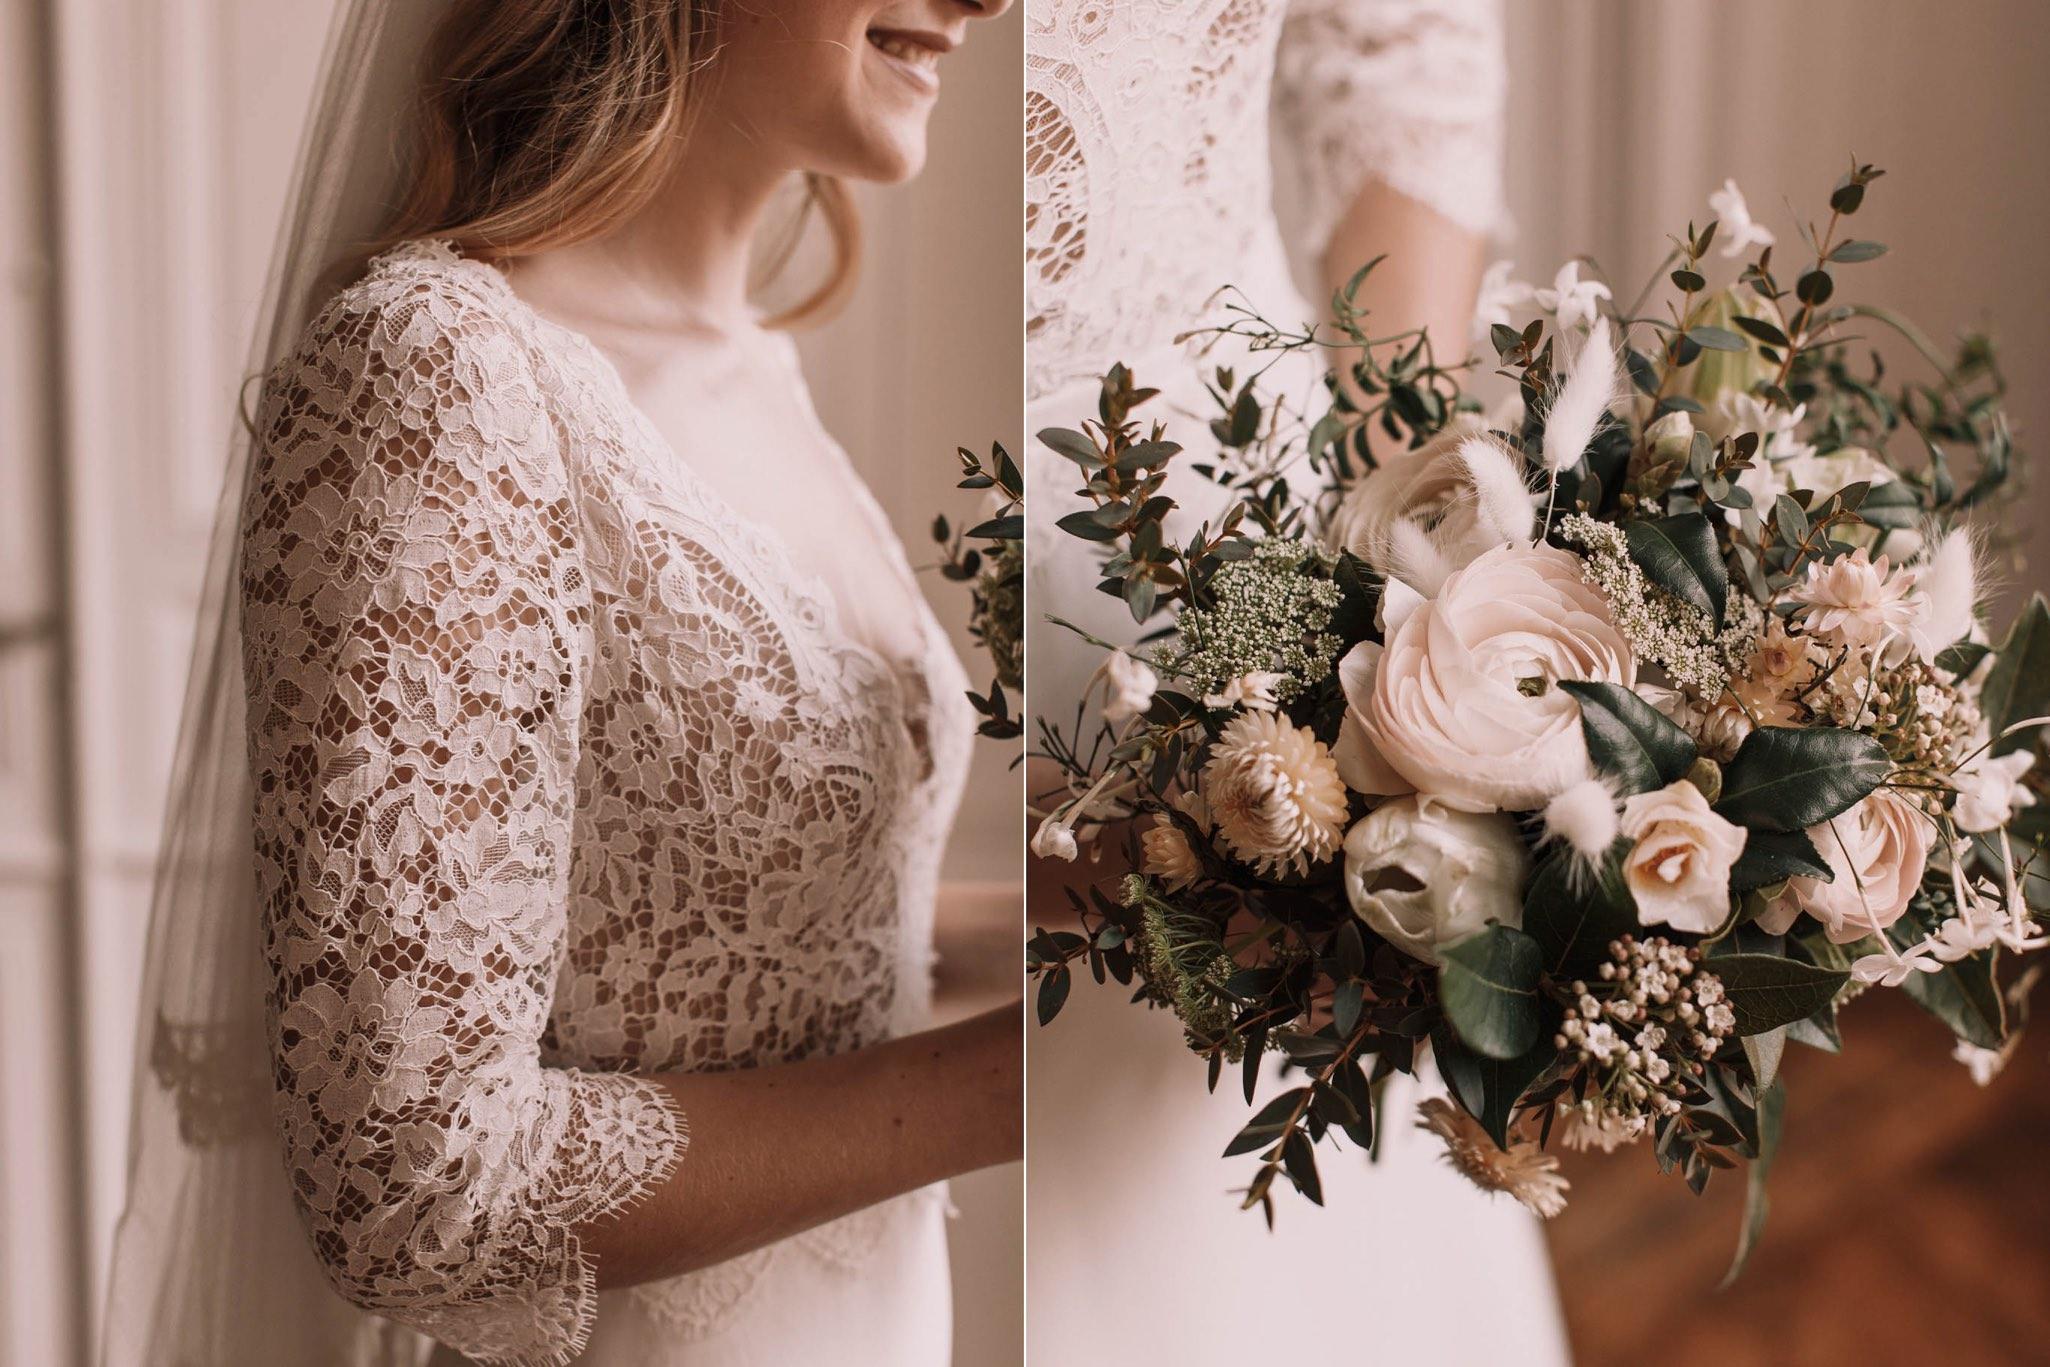 photographe-mariage-bordeaux-jeremy-boyer-white-minimal-33.jpg